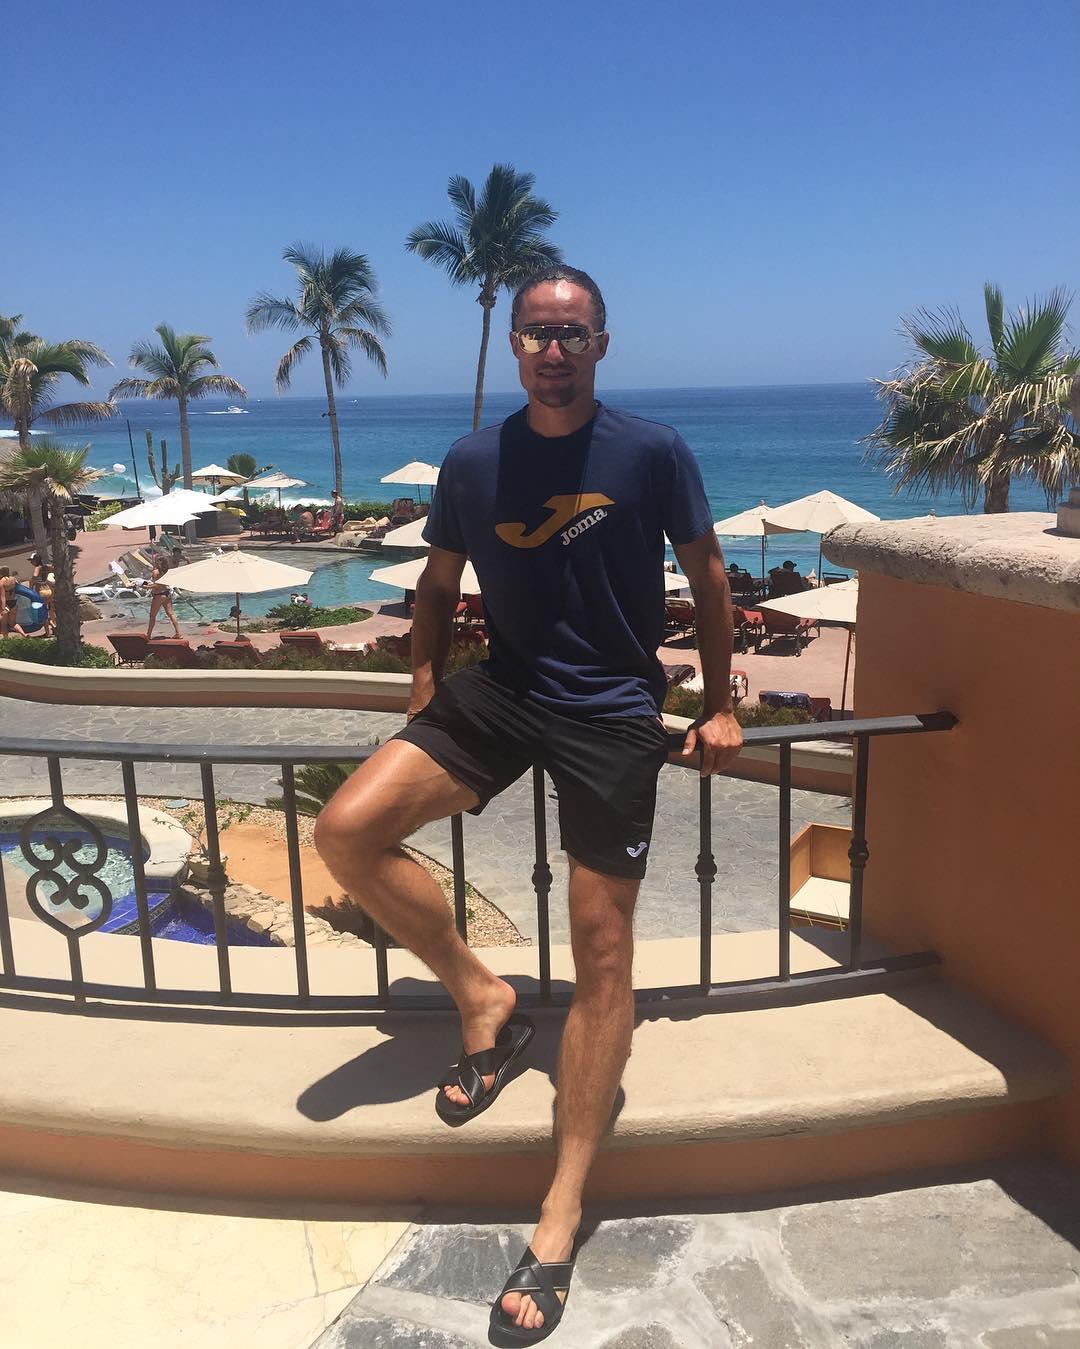 Спортсмен любит позагорать на пляже и красиво отдыхать